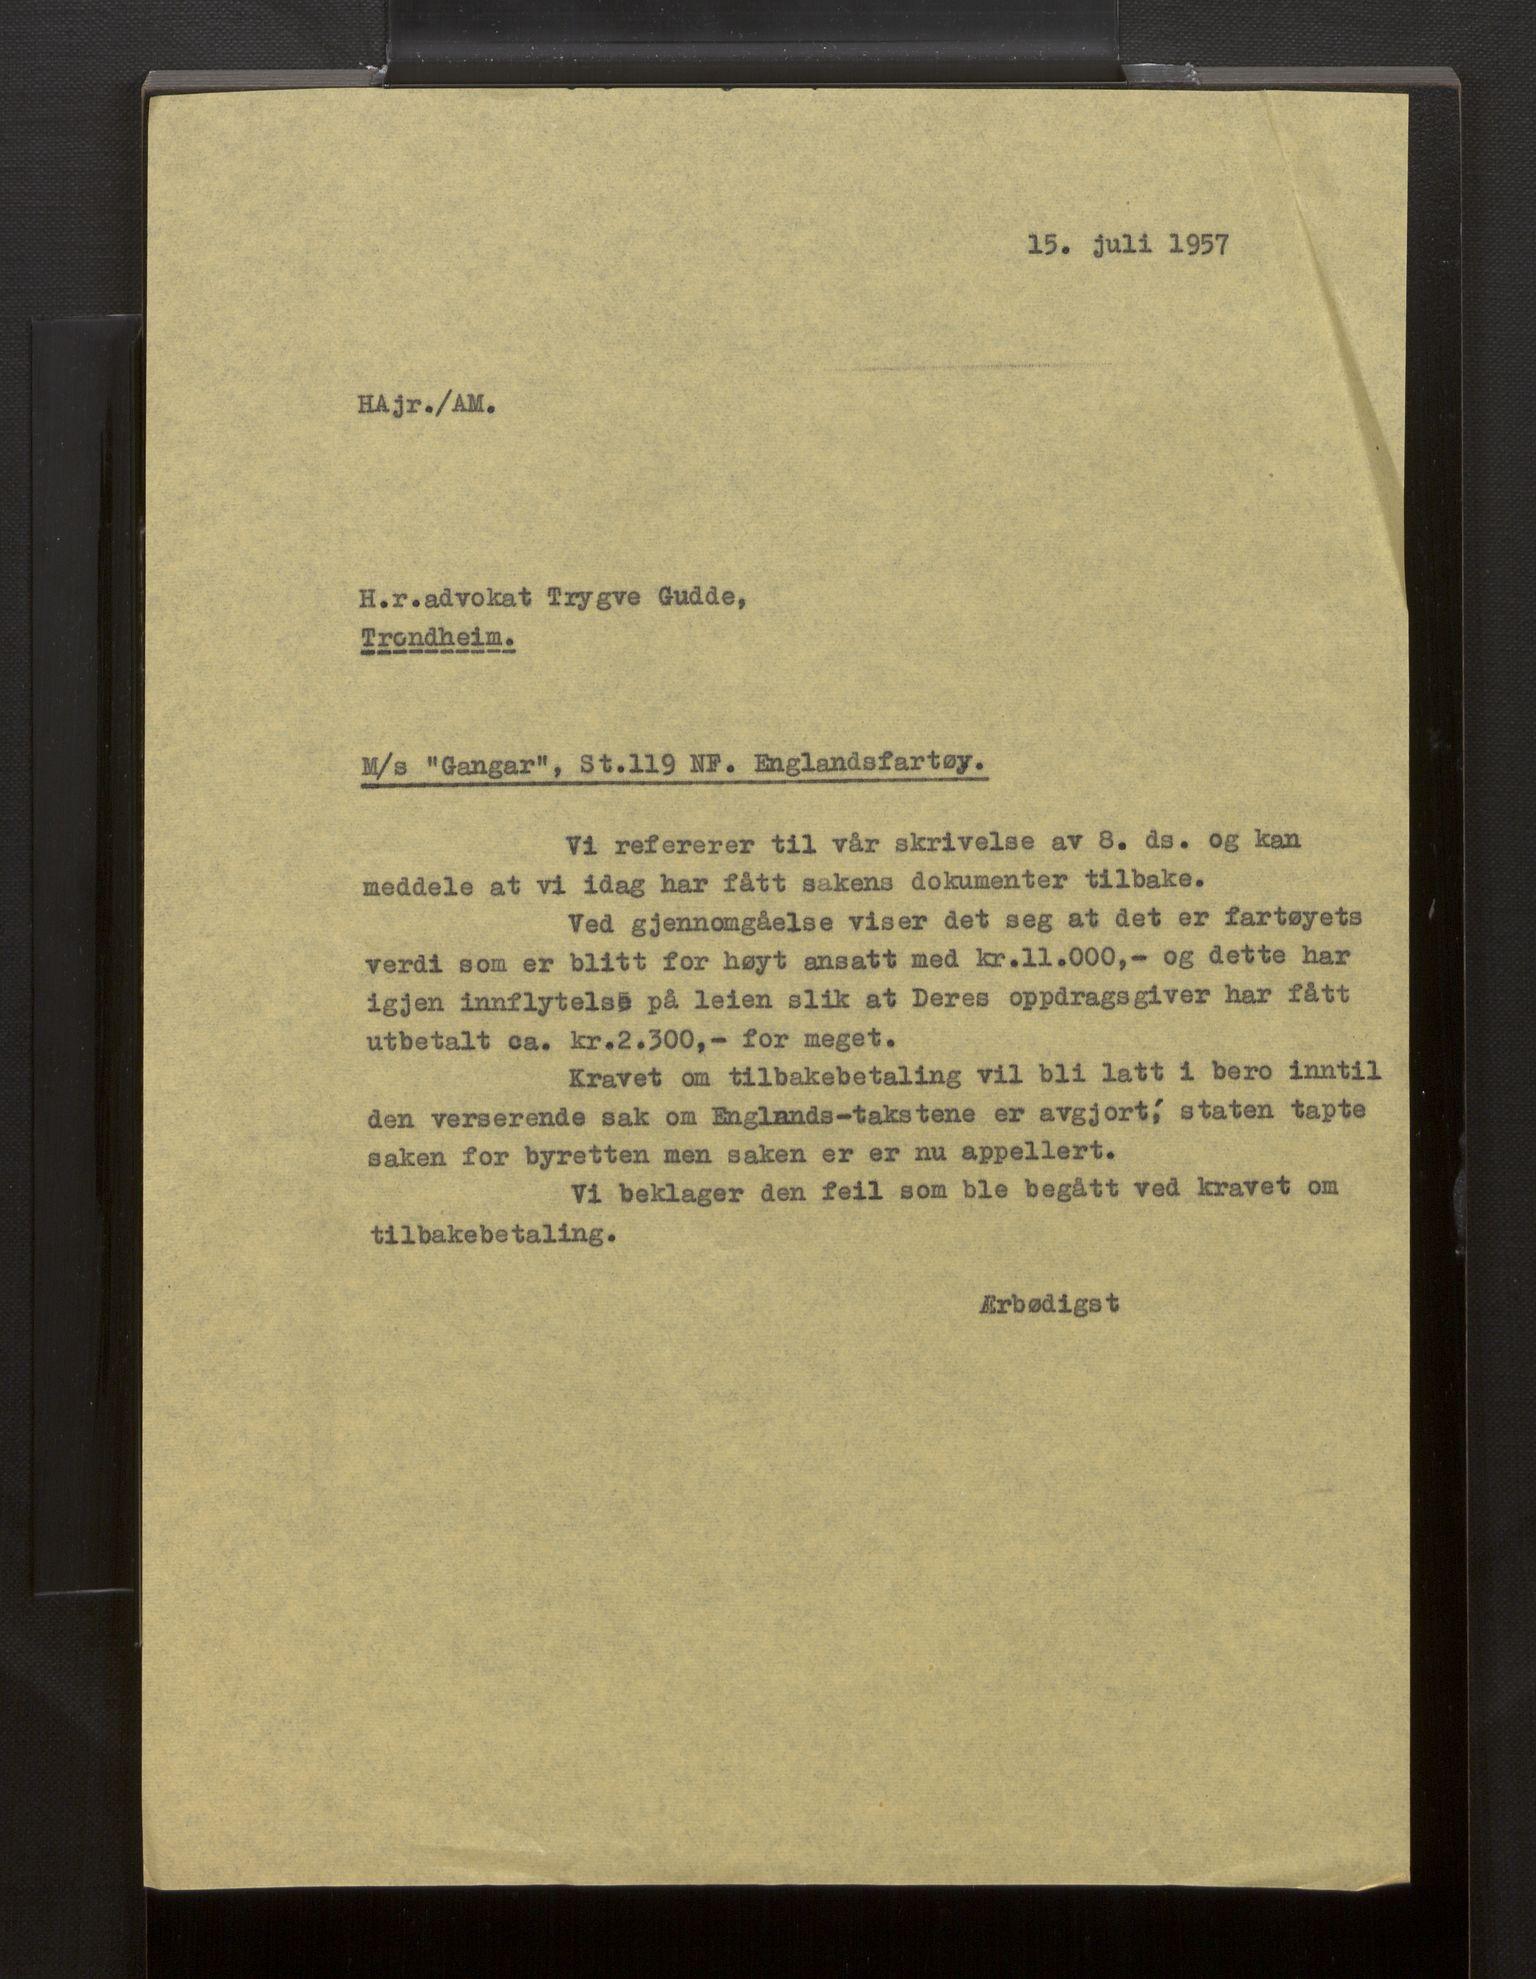 SAB, Fiskeridirektoratet - 1 Adm. ledelse - 13 Båtkontoret, La/L0042: Statens krigsforsikring for fiskeflåten, 1936-1971, s. 112